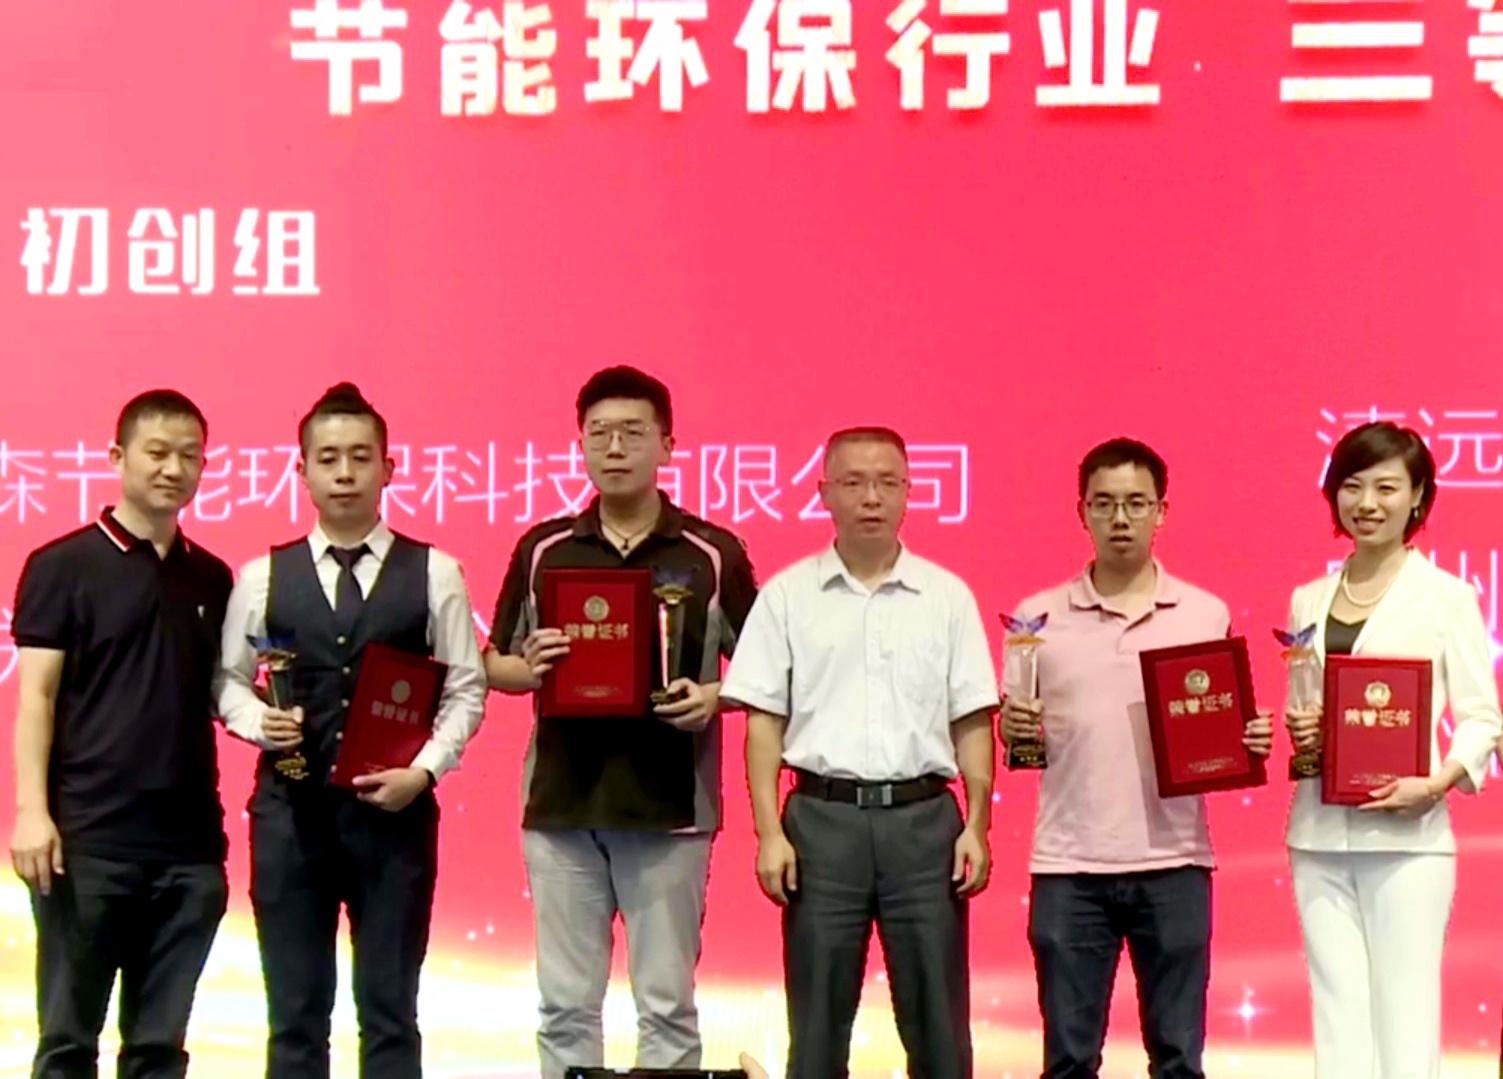 喜訊!倬粵動力榮獲第九屆中國創新創業大賽(廣東賽區)節能環保行業決賽三等獎